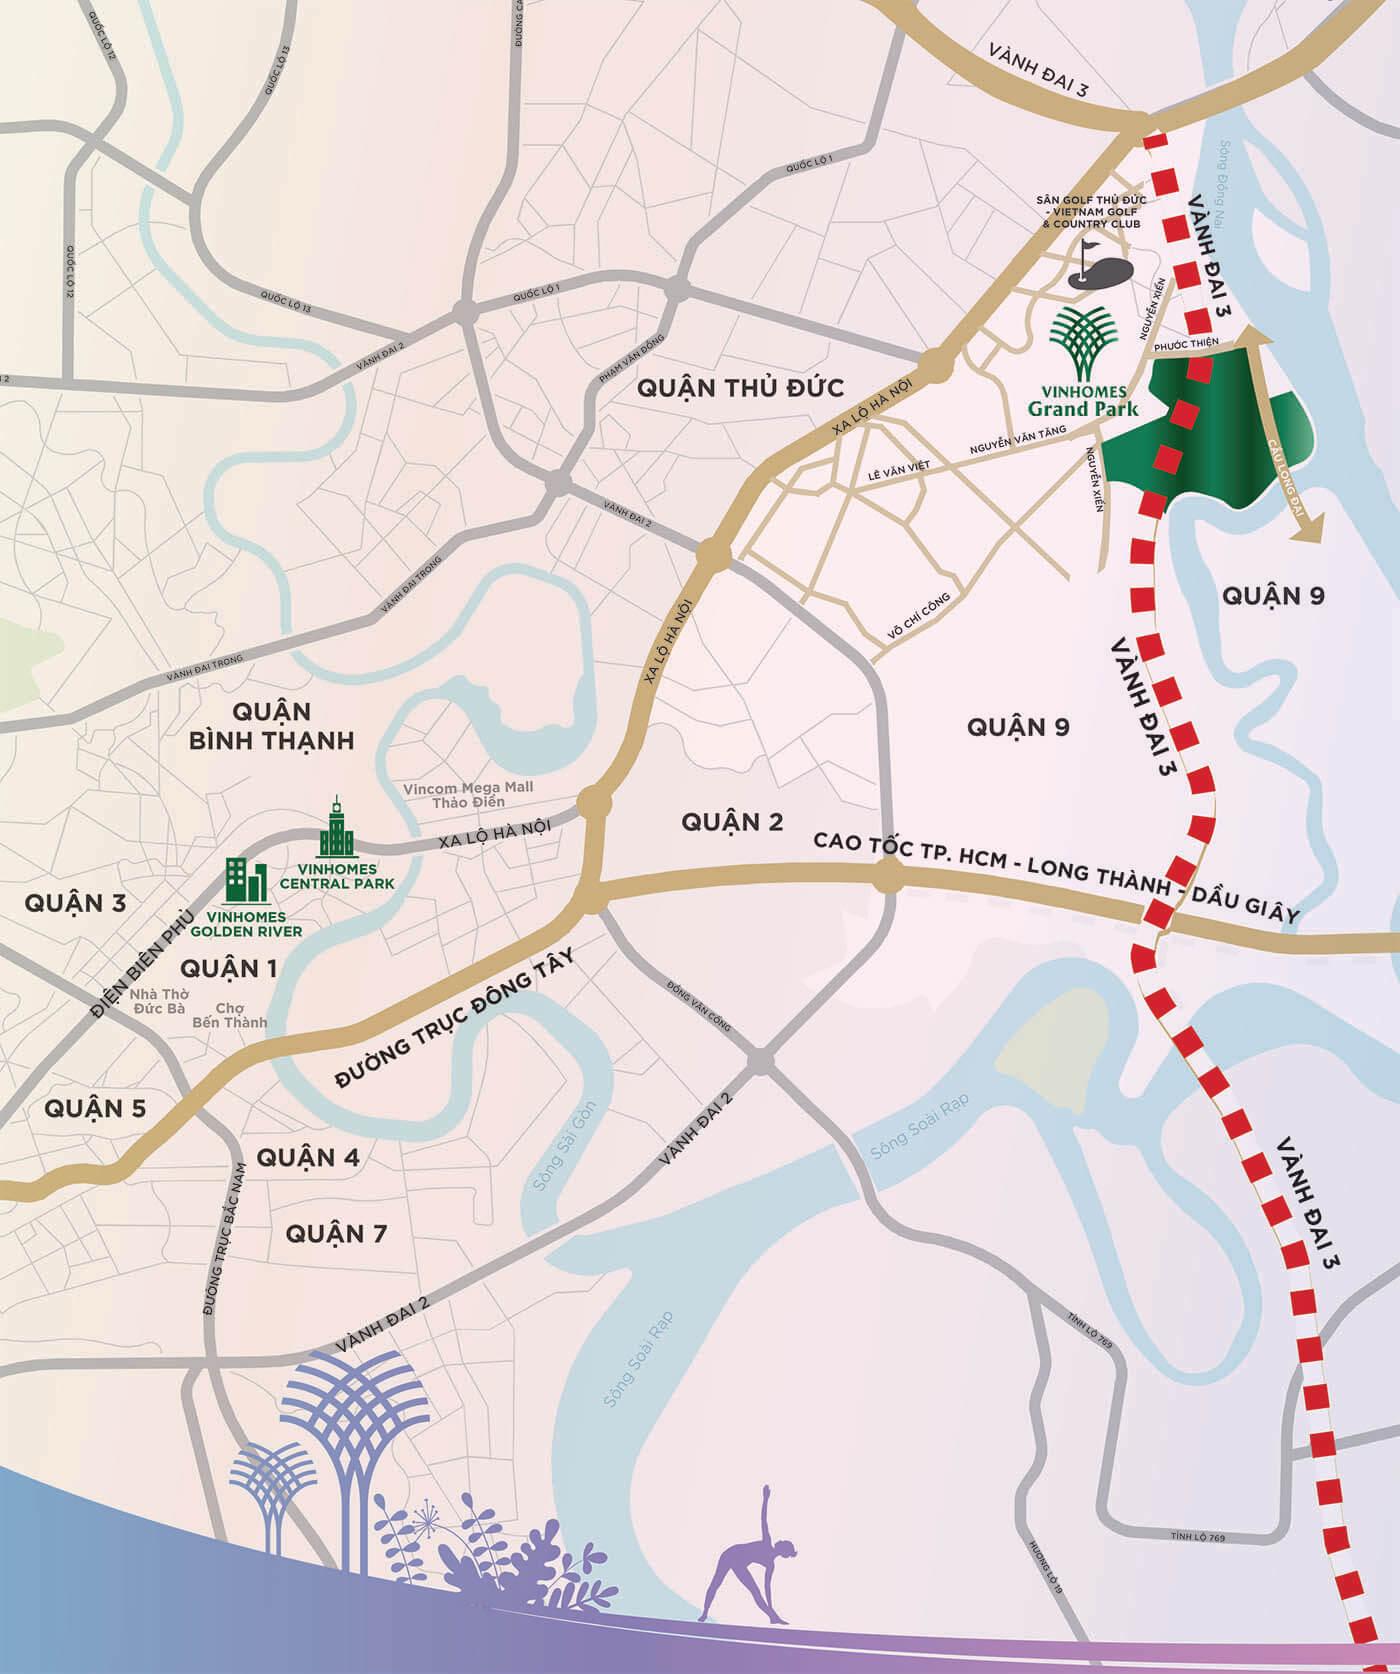 Bản đồ vị trí dự án Vinhomes Grand Park Quận 9